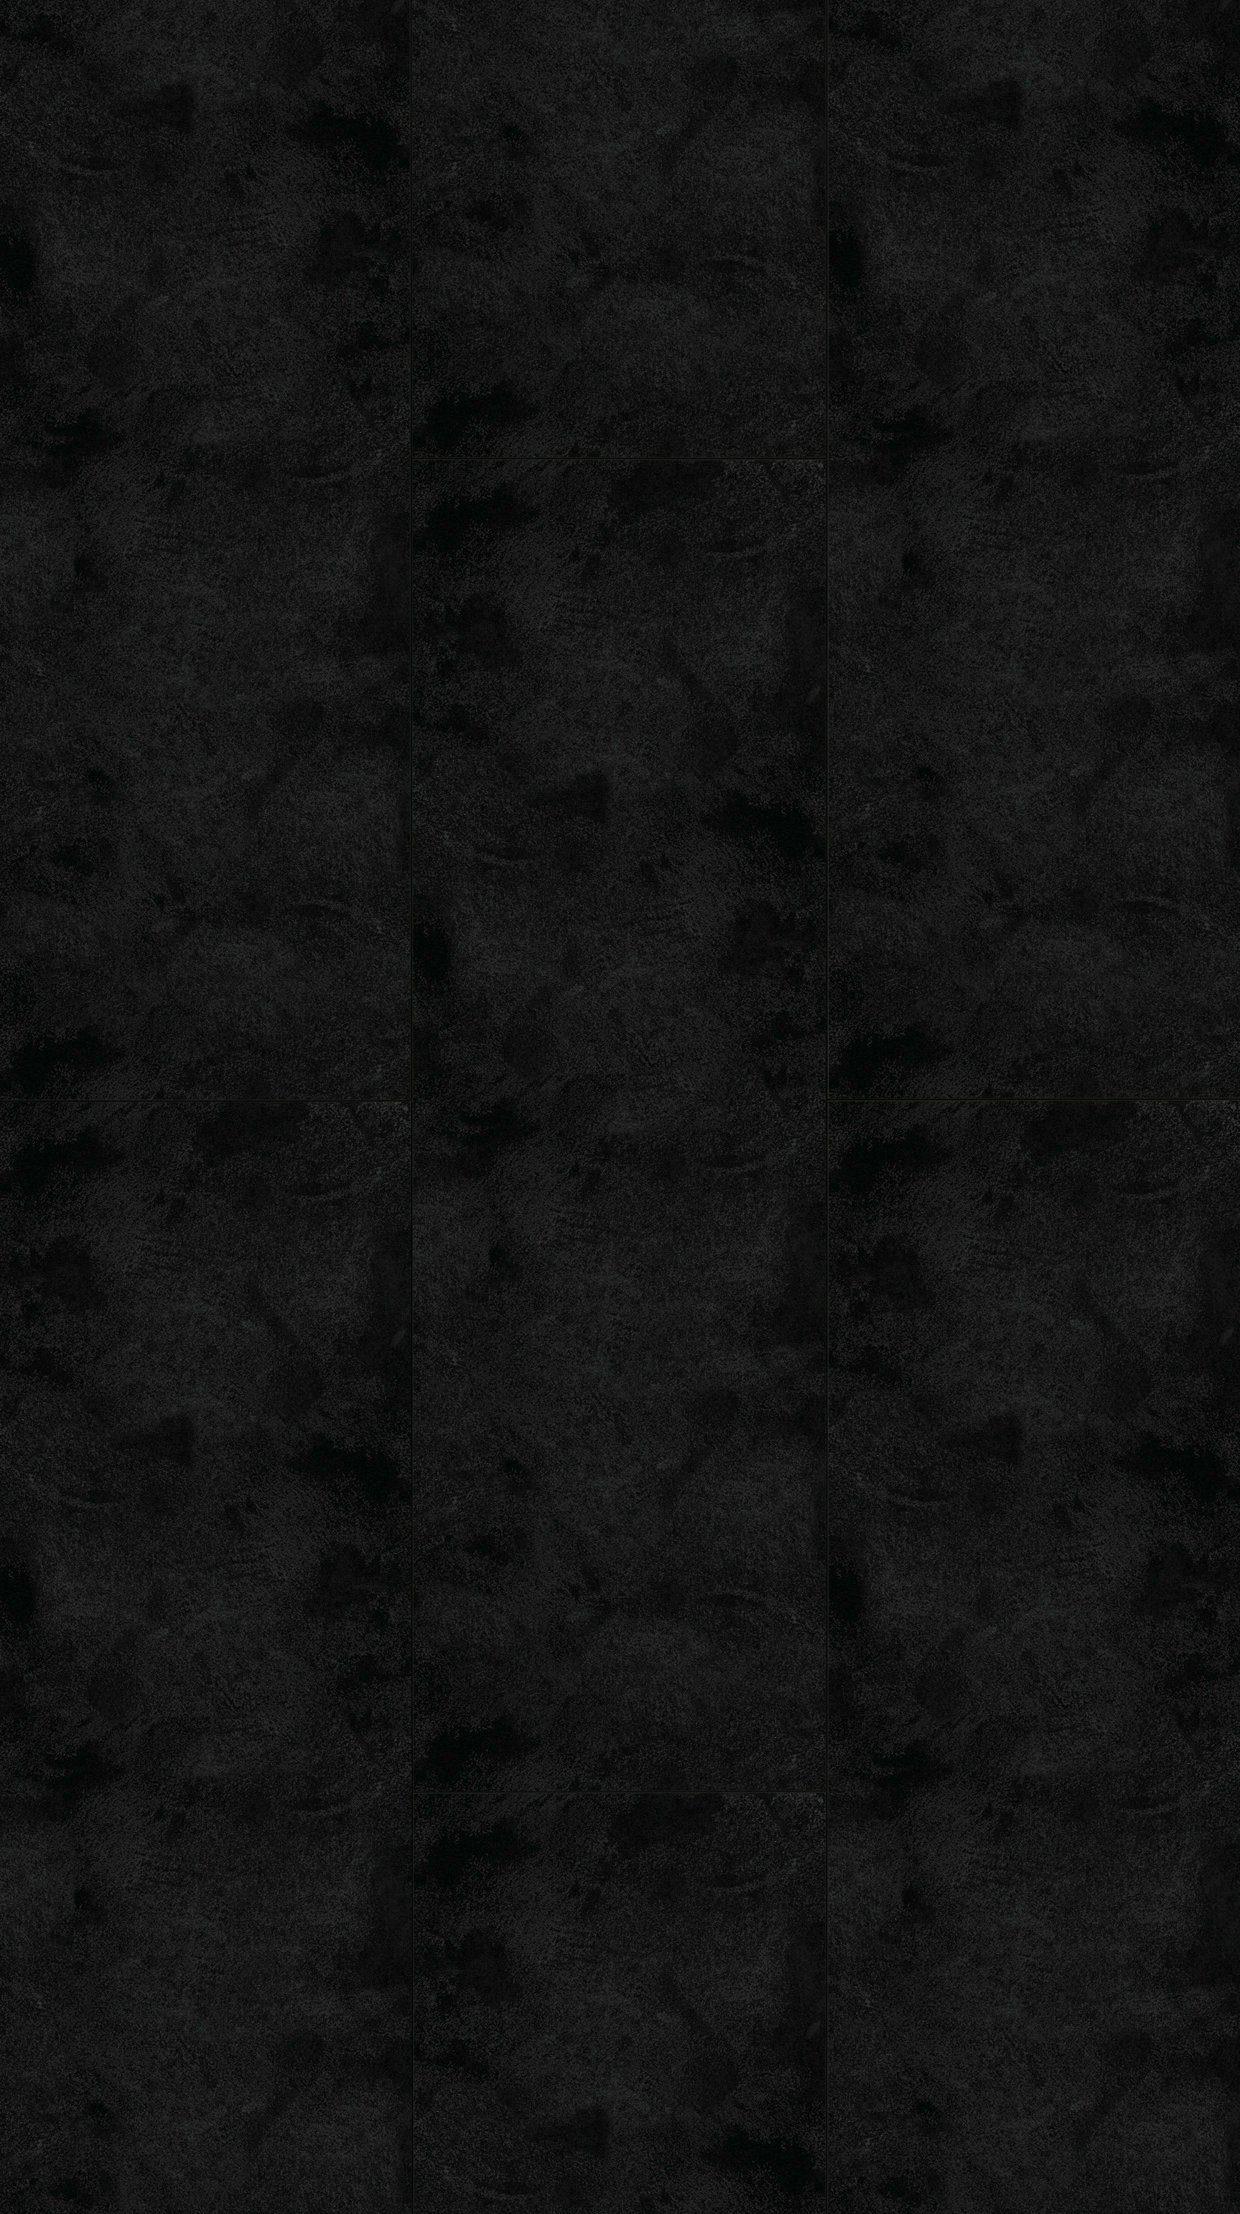 PARADOR Laminat »Trendtime 4 - Painted black«, 1285 x 400 mm, Stärke: 8 mm